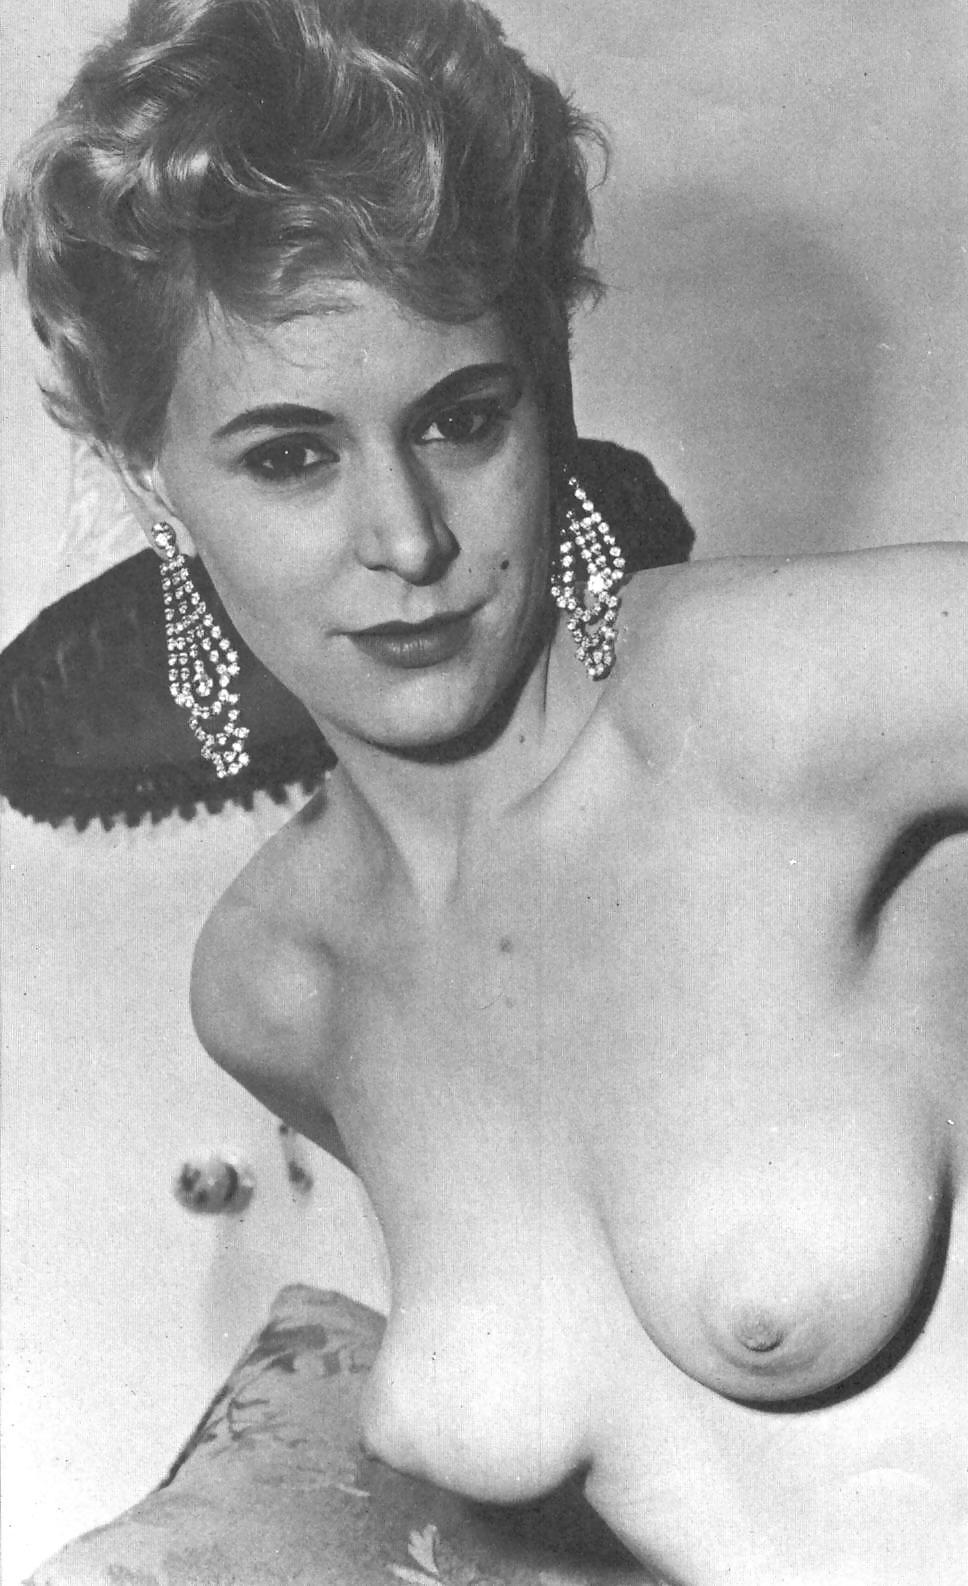 vintage-puffy-nipples-gallery-gangbang-koeln-ehrenfeld